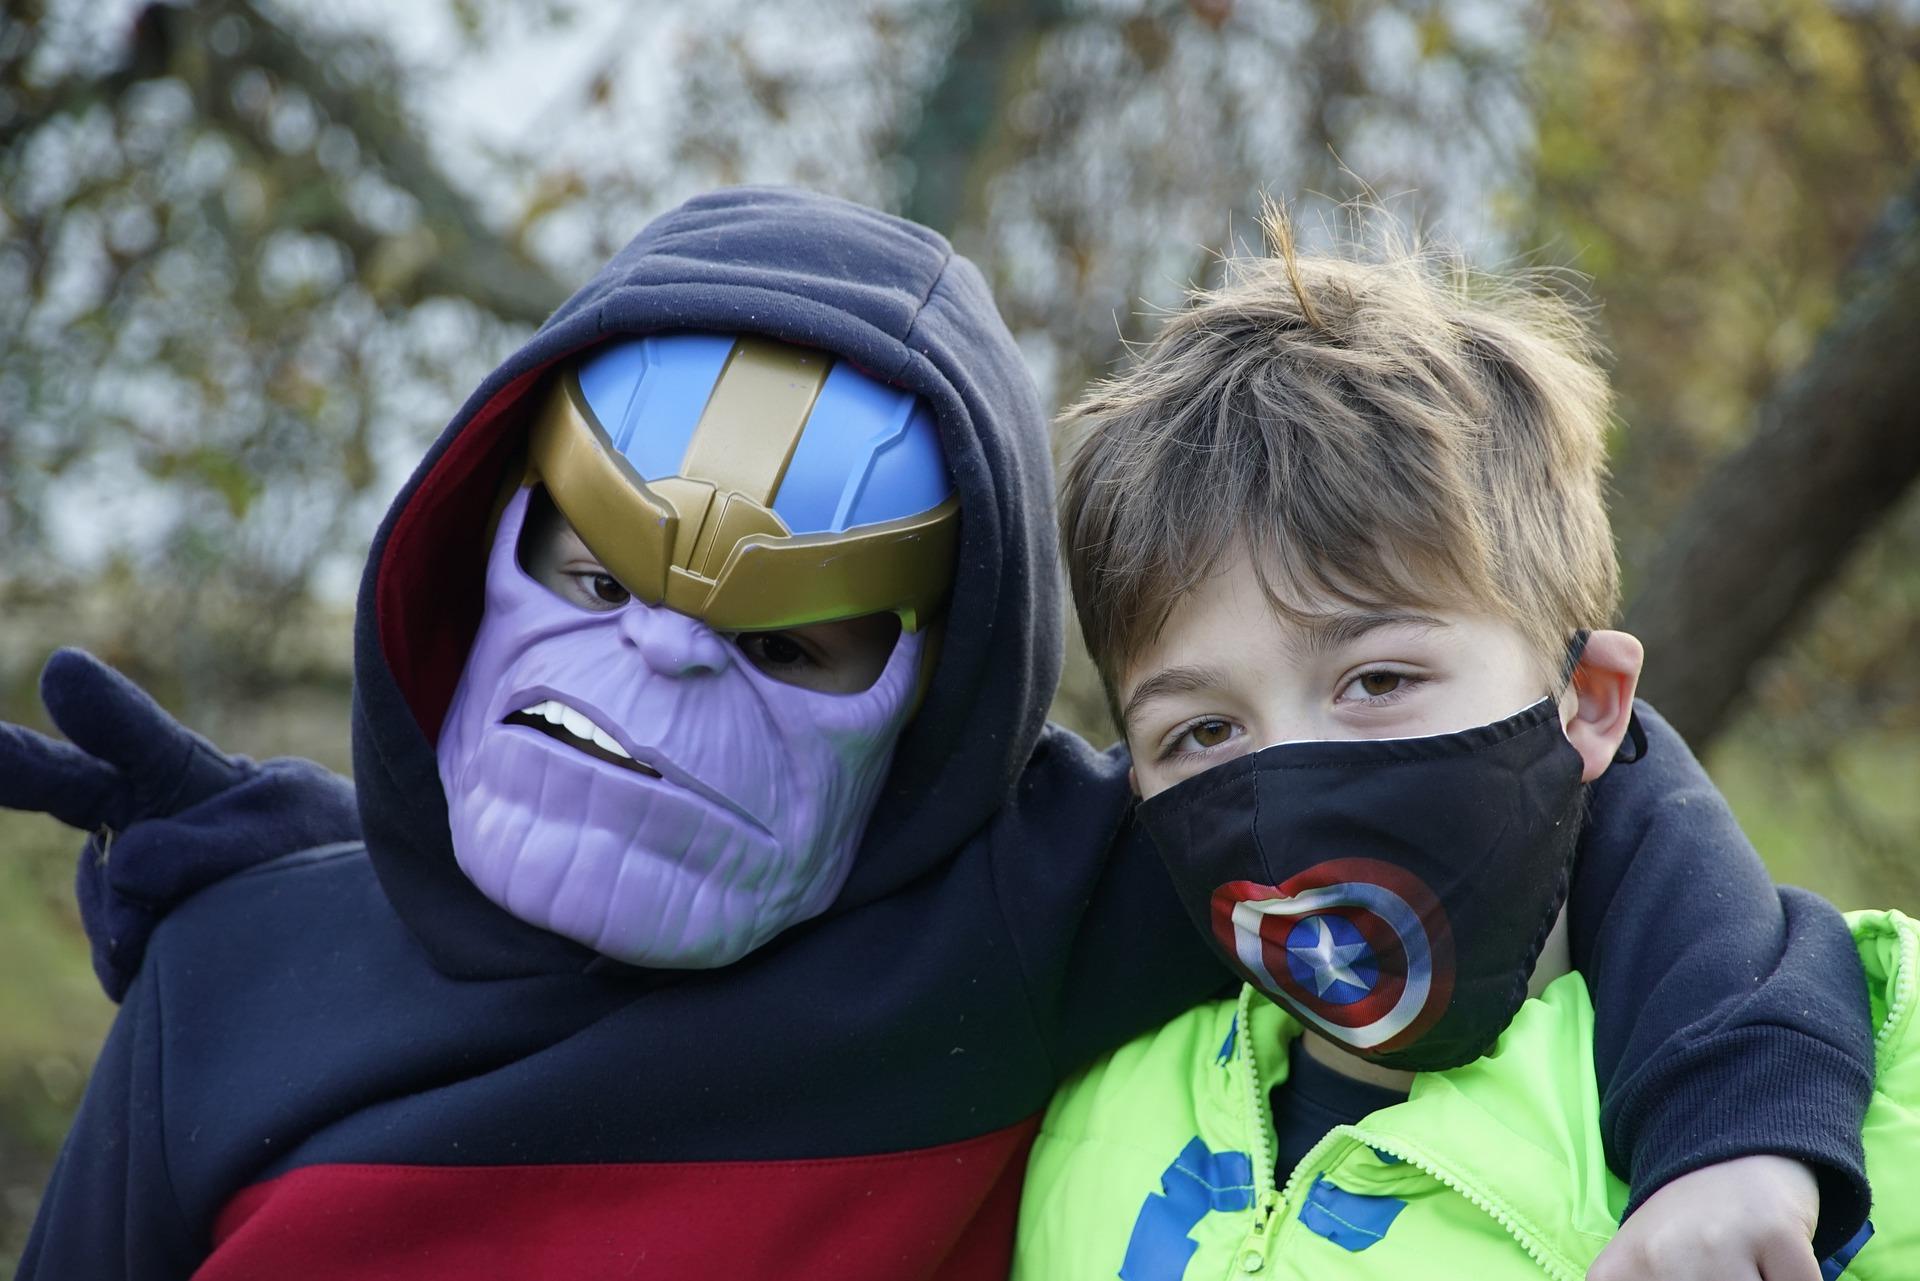 Як уникнути суперництва між дітьми?